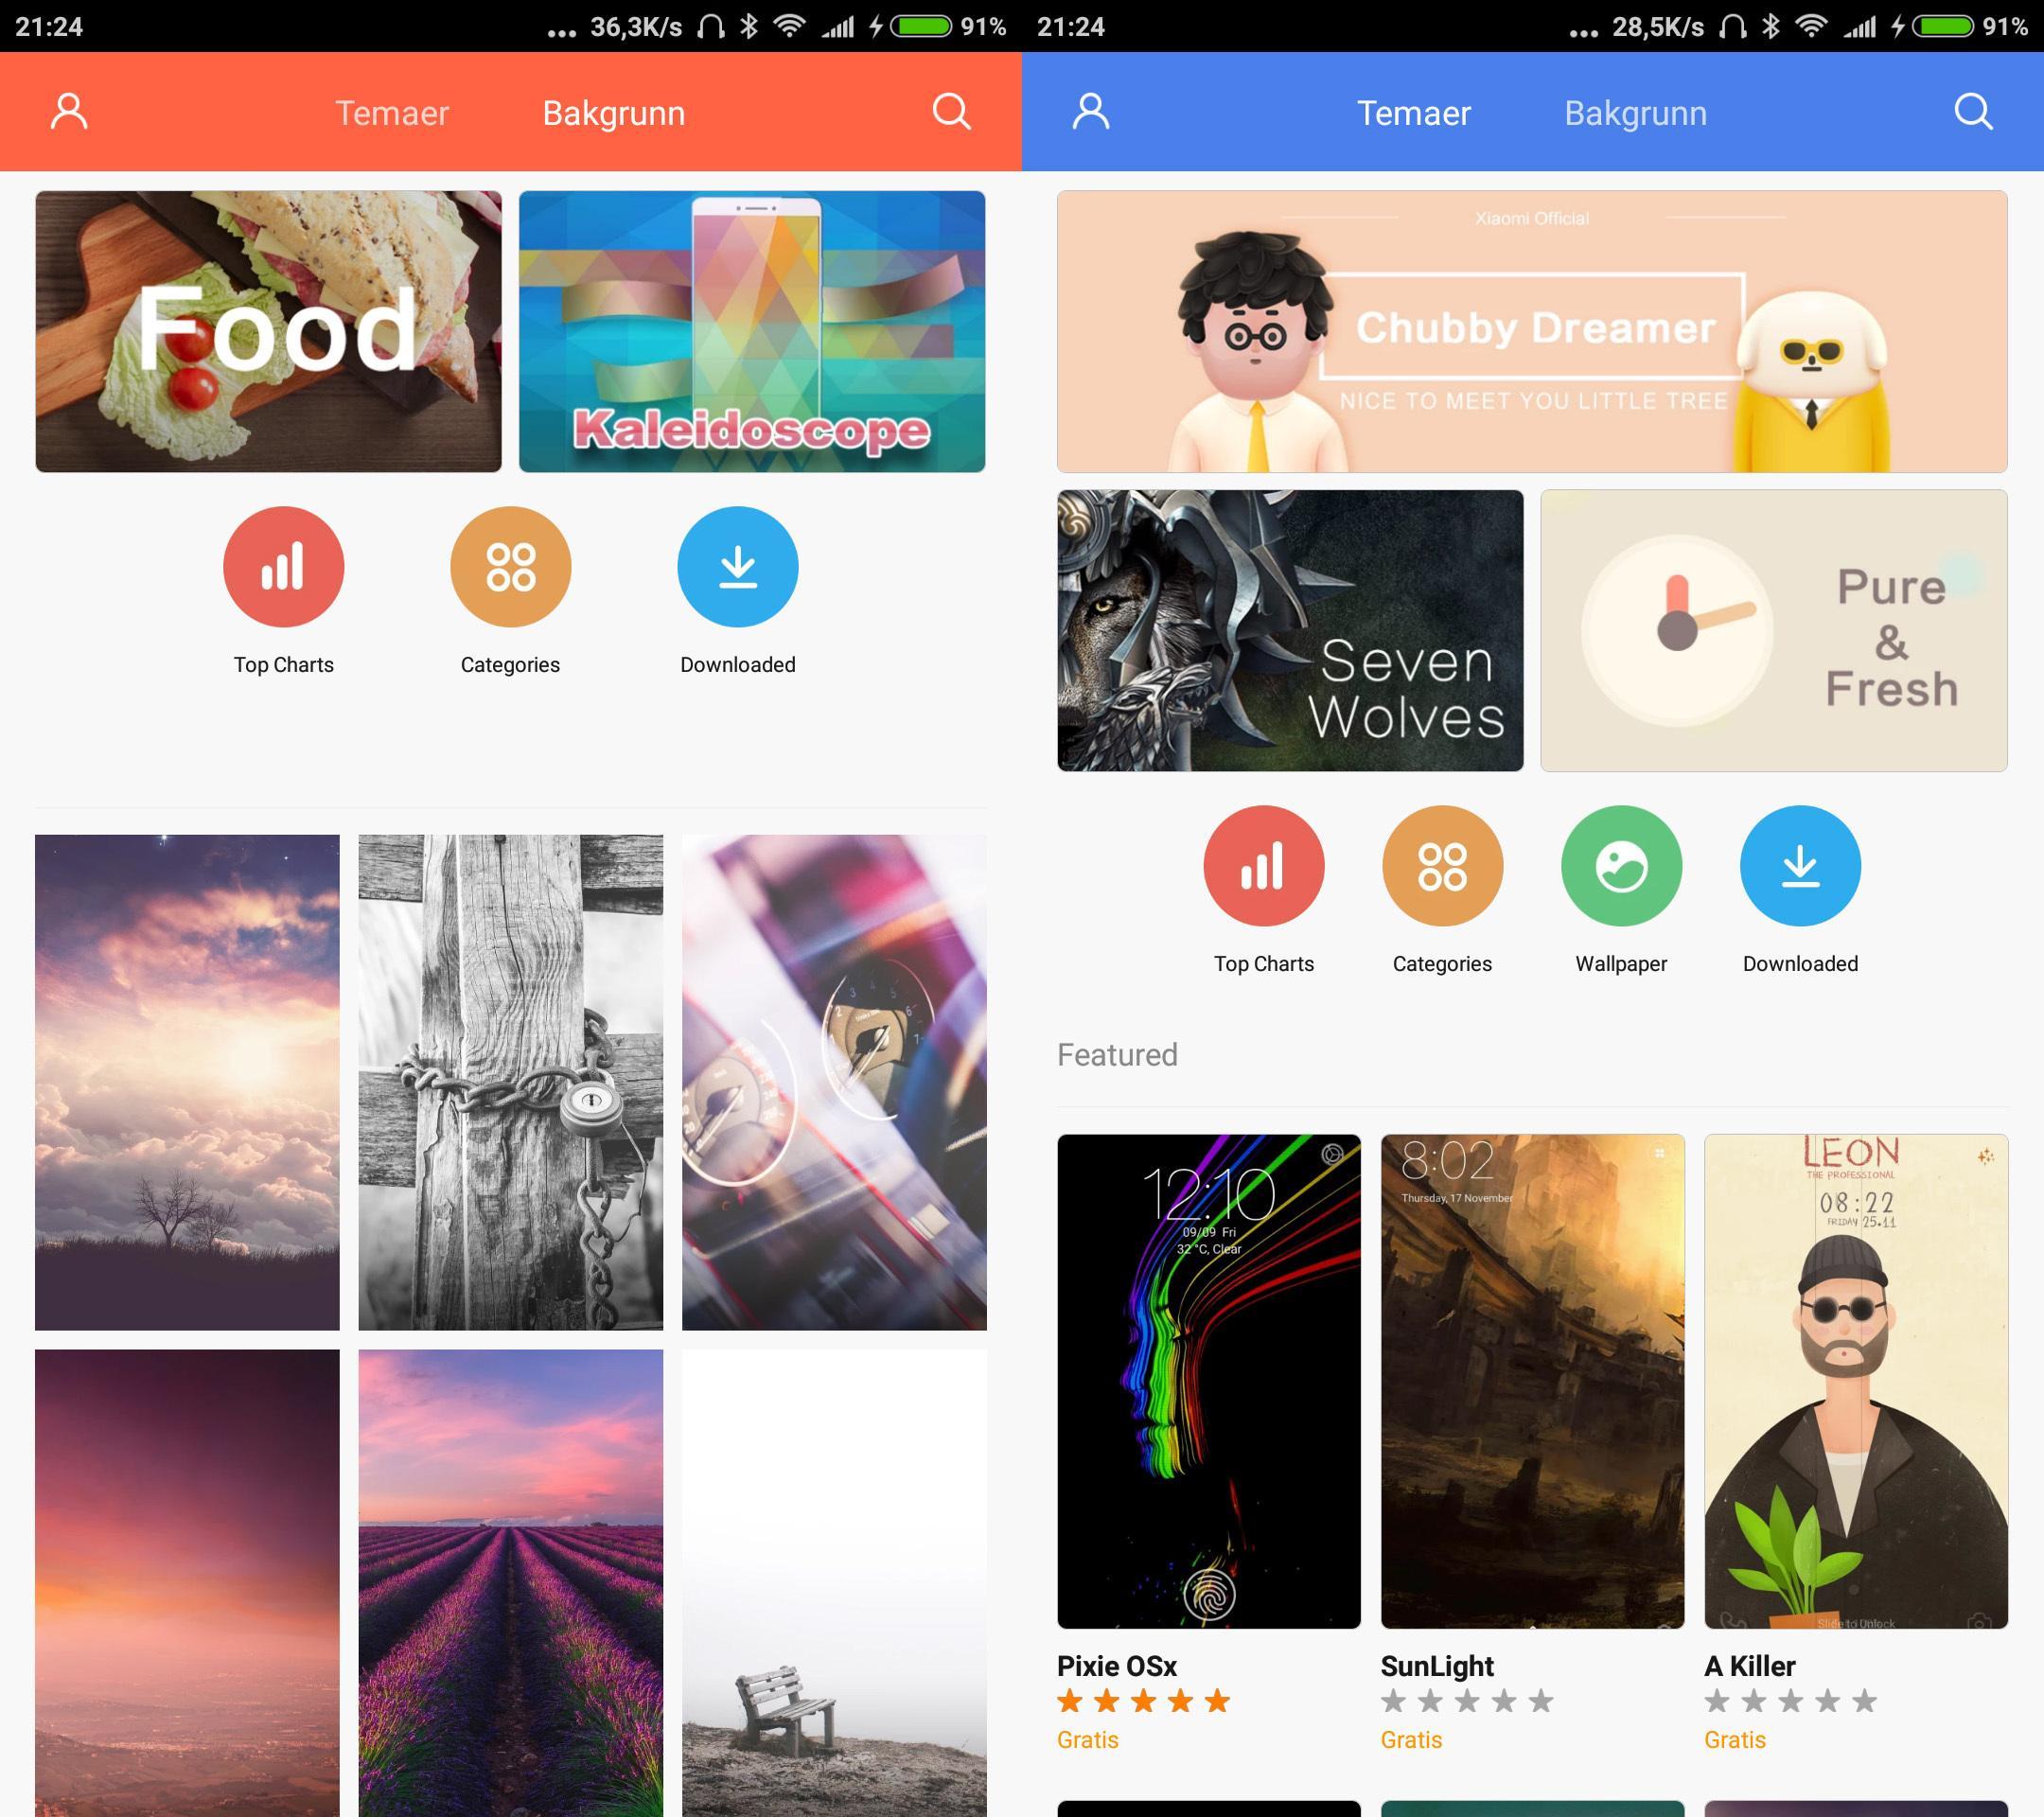 Vanligvis bryr jeg meg ikke mye om temaløsninger for telefonene jeg bruker. Jeg finner som regel en bakgrunn selv, et sted på nettet. Om jeg føler for det. Men med en så voldsom skjerm og design, blir det til at man ønsker å gjøre litt ekstra ut av telefonens blikkfang. Da er det kjekt at Xiaomi tilbyr masse gratis tema og bakgrunnsbilder kostnadsfritt i en egen app.